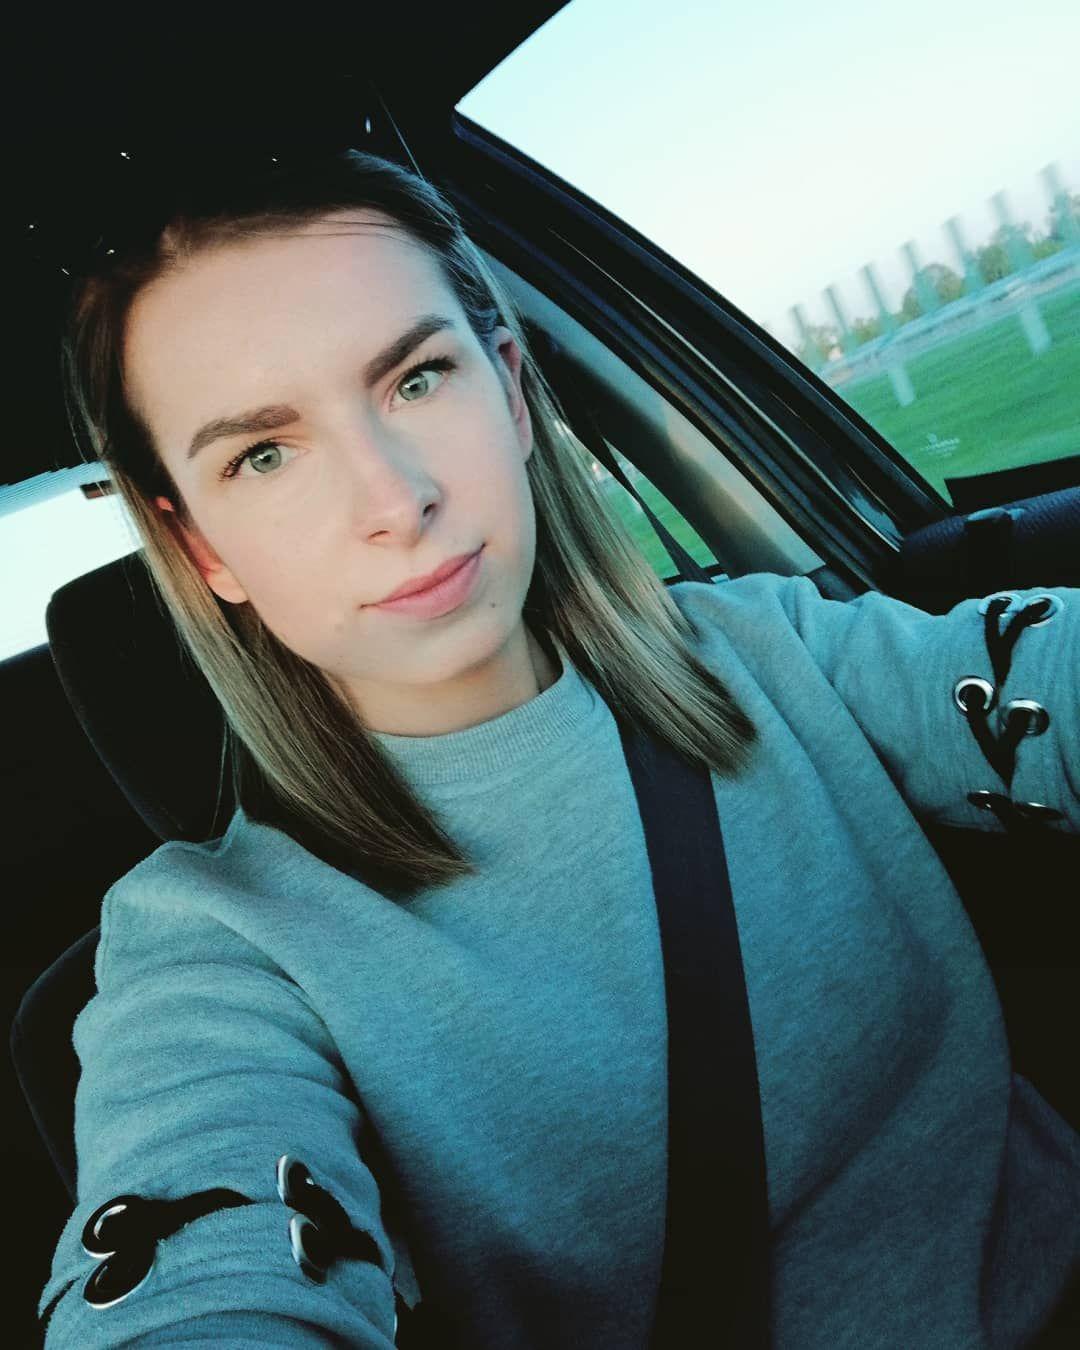 #oczyzieloneżycieszalone #driver #me #girl #polskadziewczyna #polishgirl #kobieta #blondynka #zieloneoczy #happygirl #sloneczko #pieknydzien #pieknapogoda #niedziela #lady #girl #dziewczyna #milegodnia #milosc #polska #poland #masuria #mazury #nofilter #goodnight